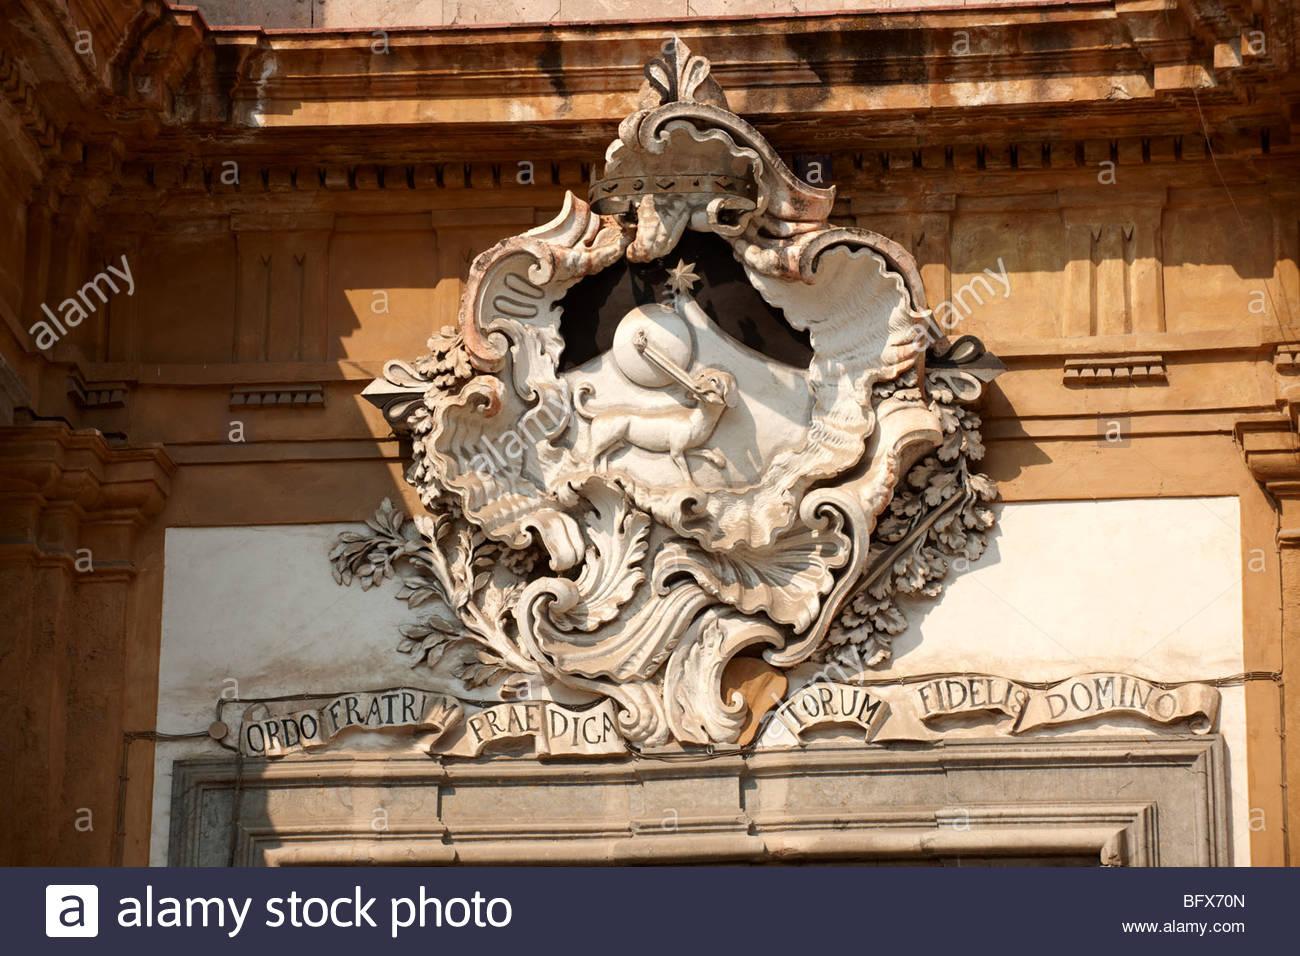 Esculturas barrocas, la decoración arquitectónica, Palermo, Sicilia Imagen De Stock